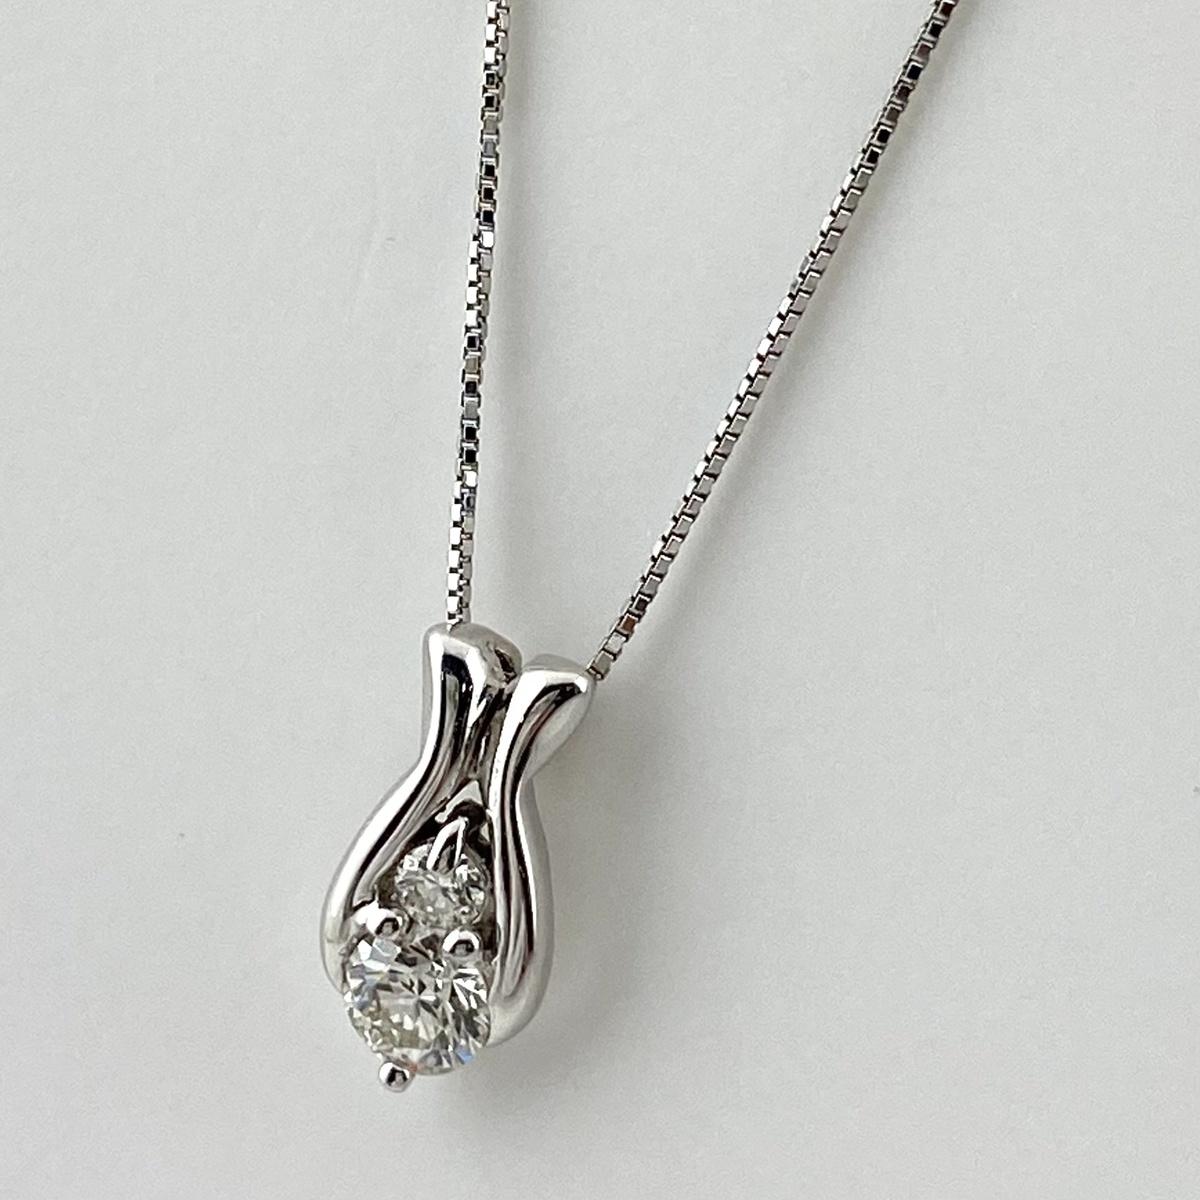 USED 送料無料 メレダイヤ デザインネックレス K18 ホワイトゴールド 中古 WG レディース 定番の人気シリーズPOINT(ポイント)入荷 ネックレス ペンダント お気に入り ダイヤモンド